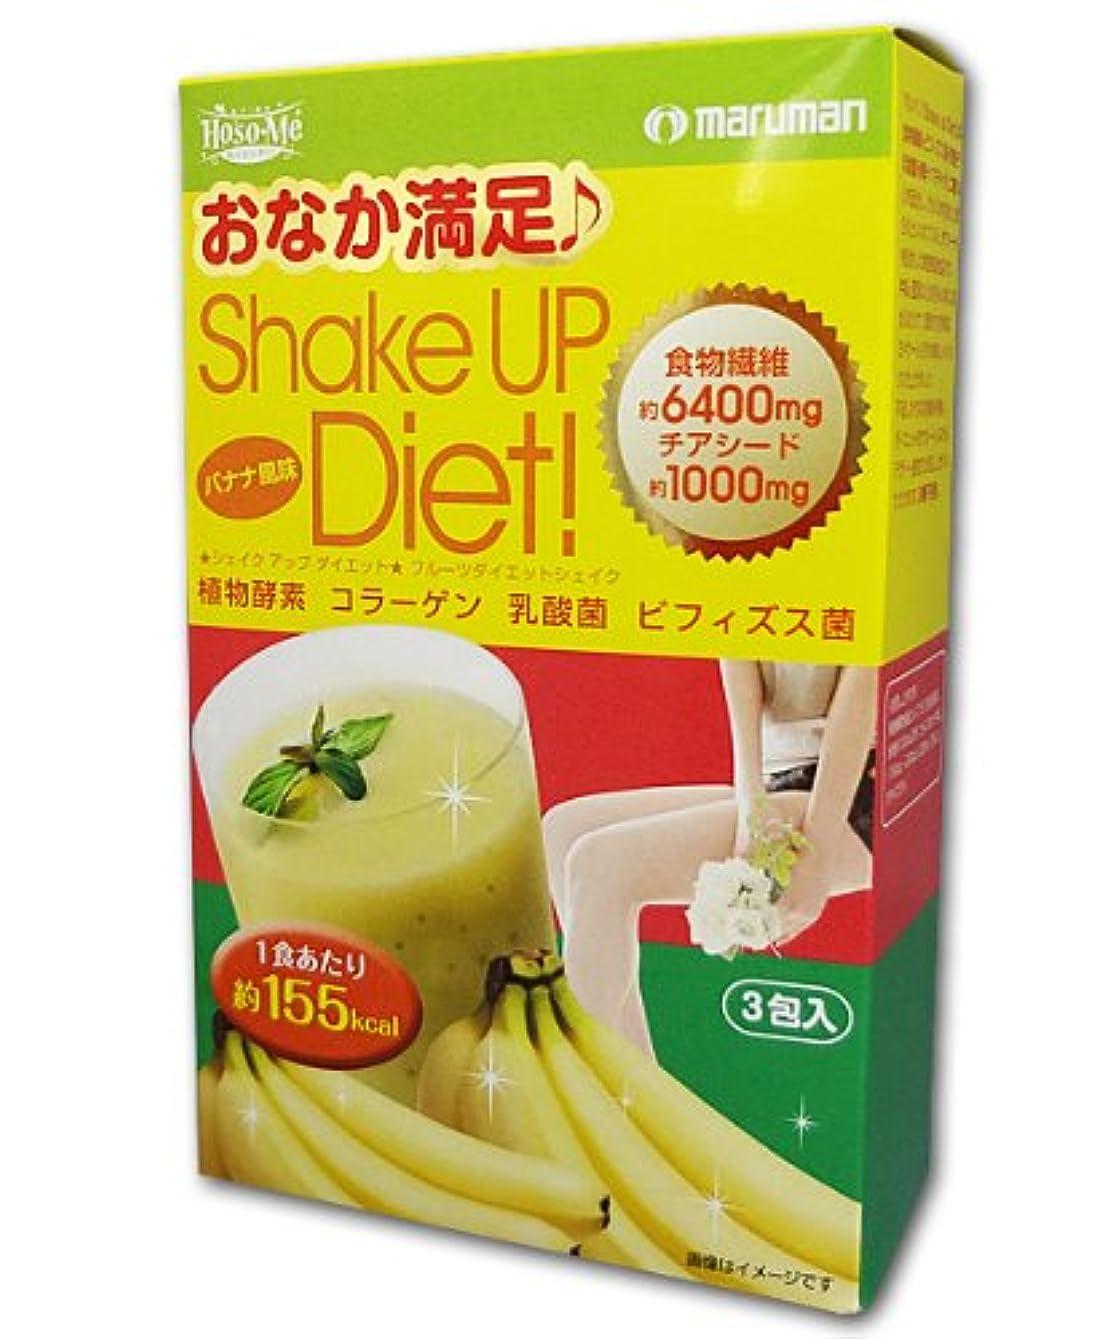 東方変装記憶マルマン シェイクアップダイエット バナナ風味 3包入